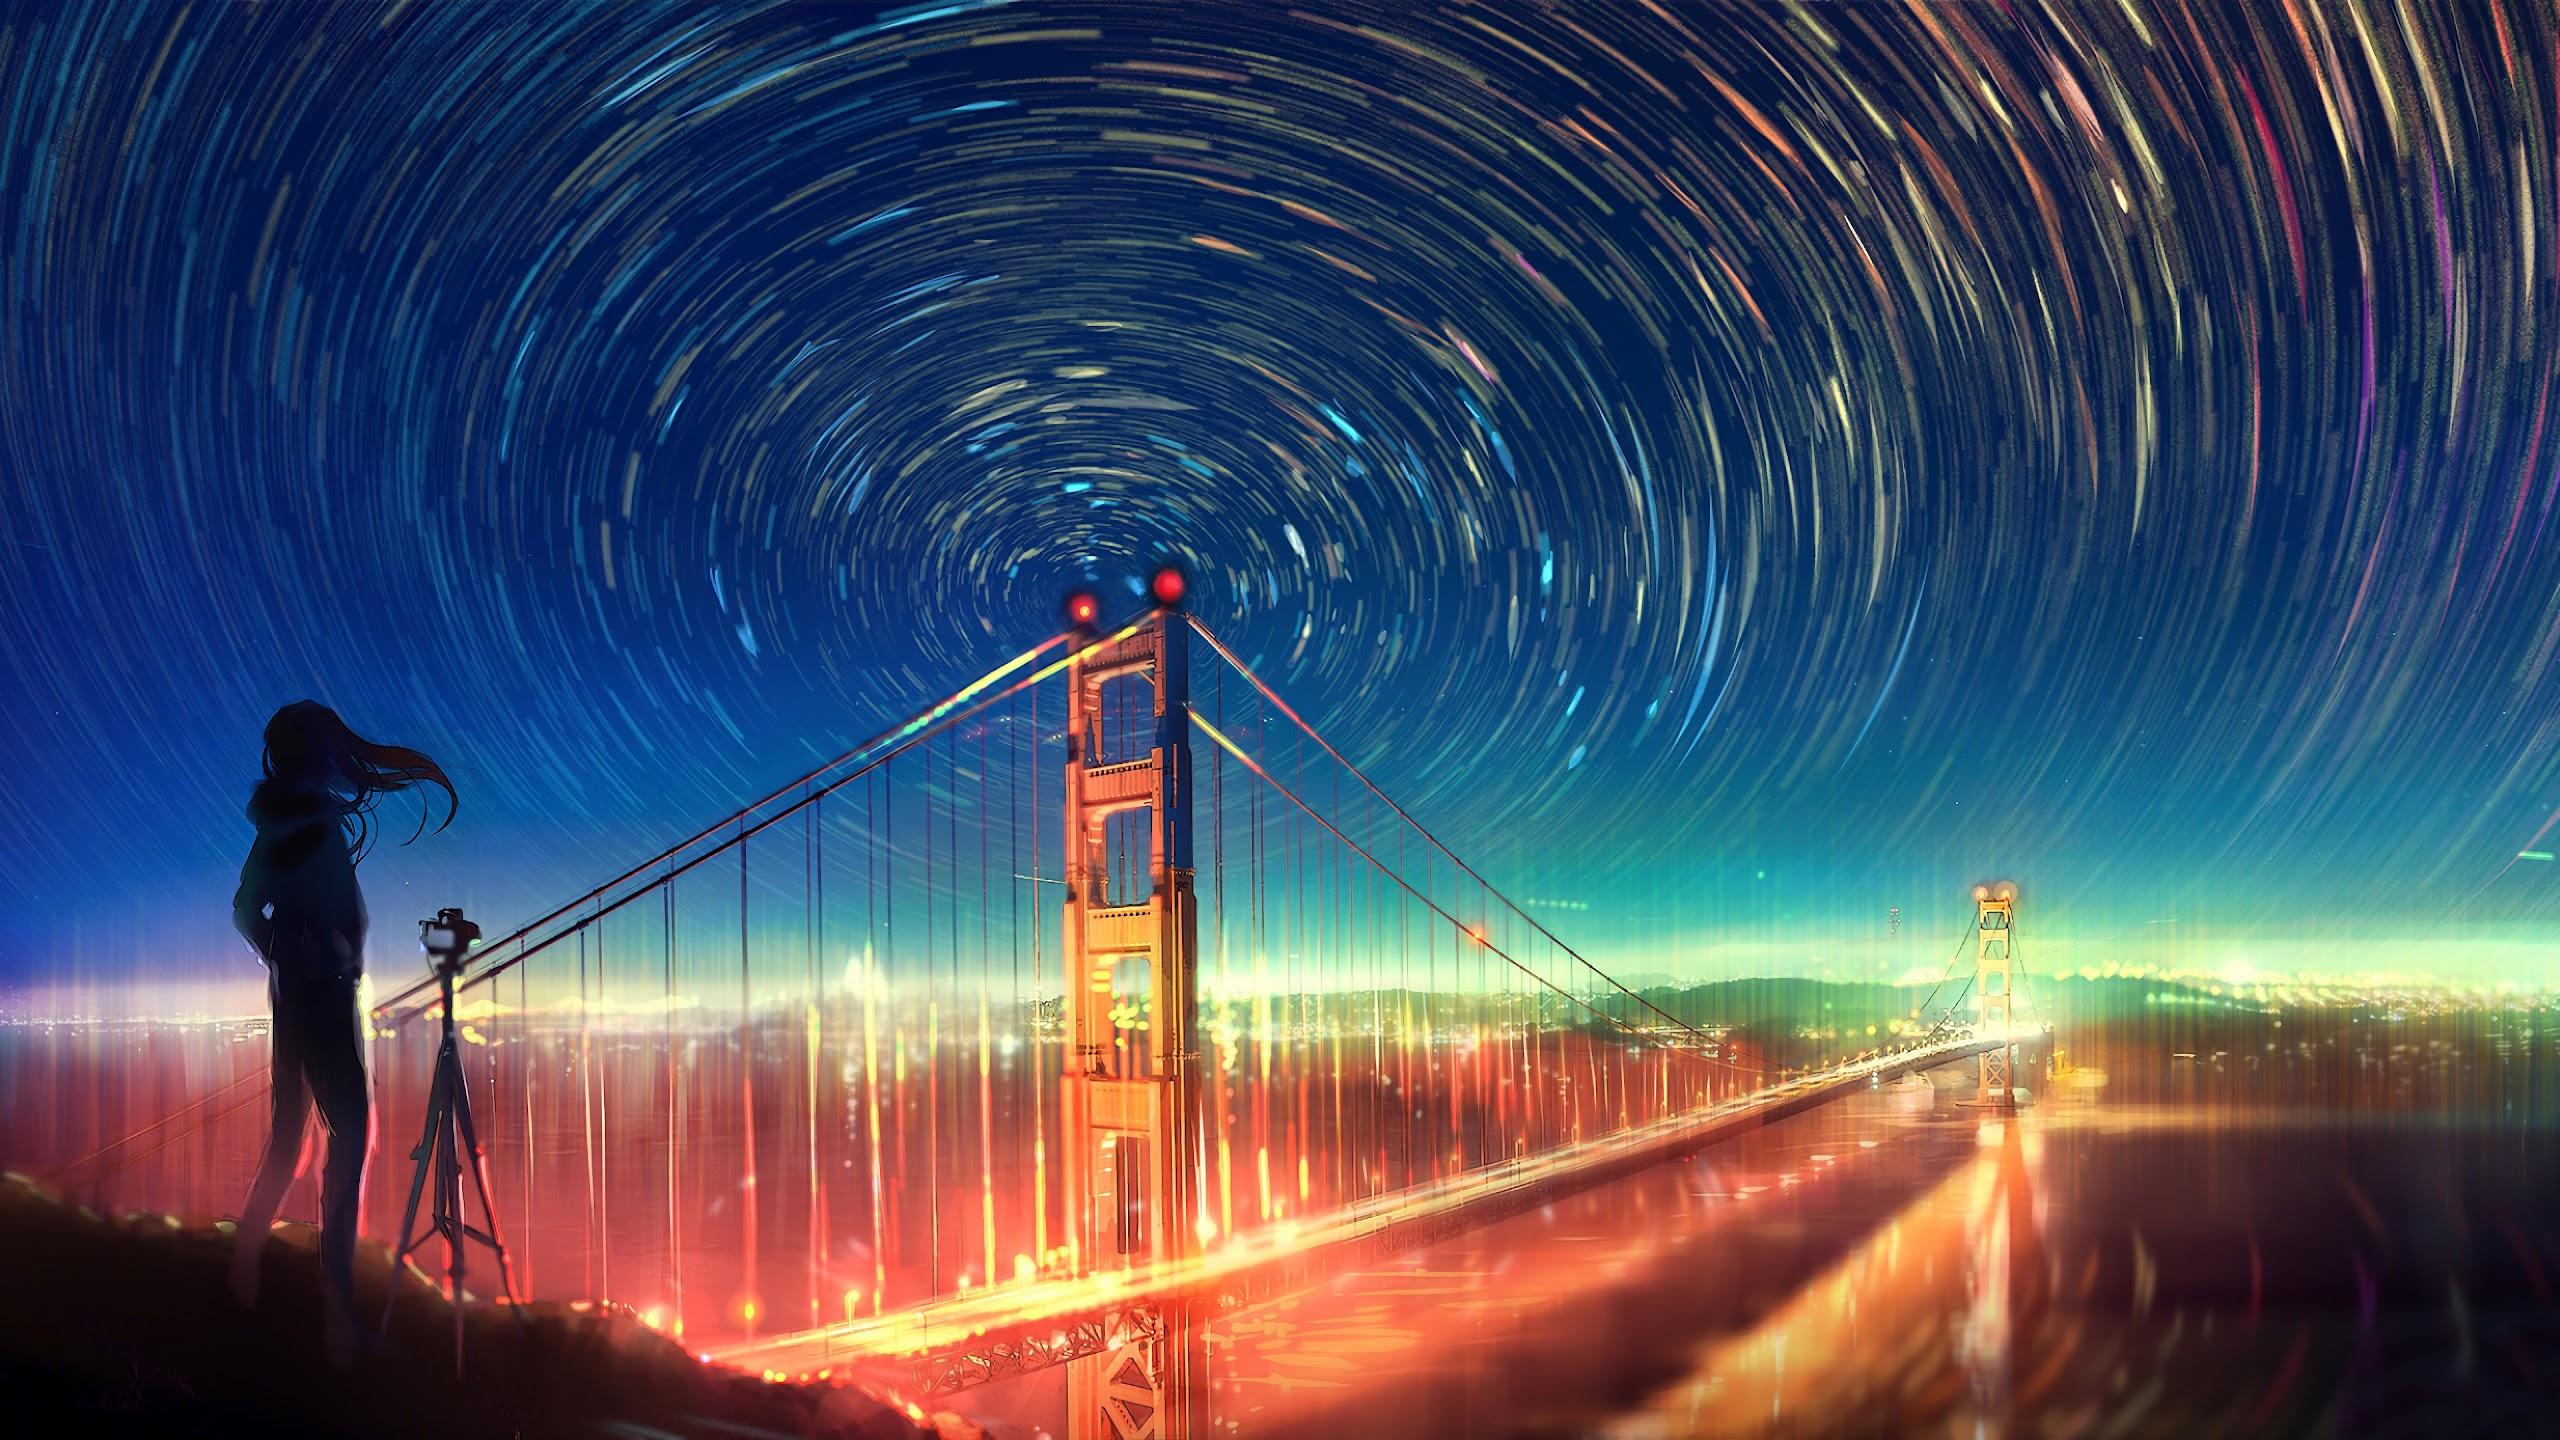 Anime, Girl, Landscape, Night, City, 4K, 3840x2160, #2 ...